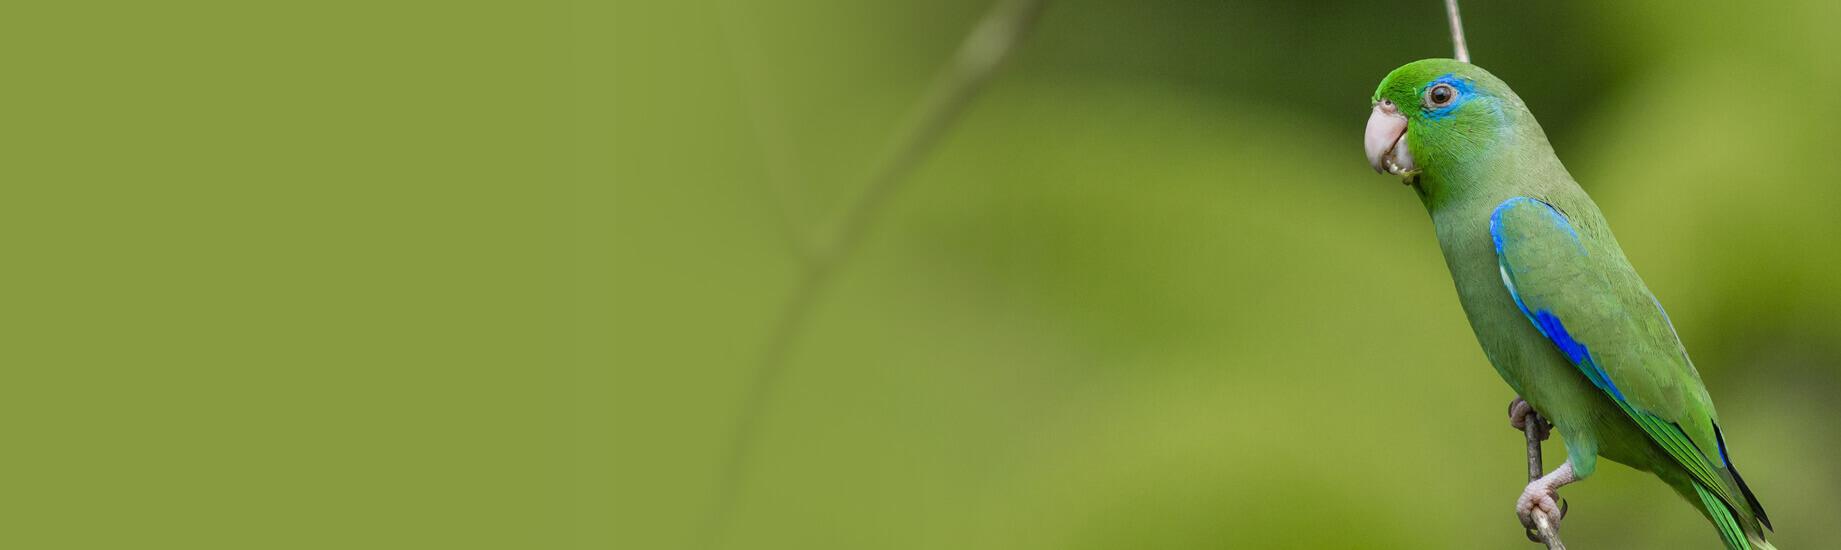 นกฟอพัส